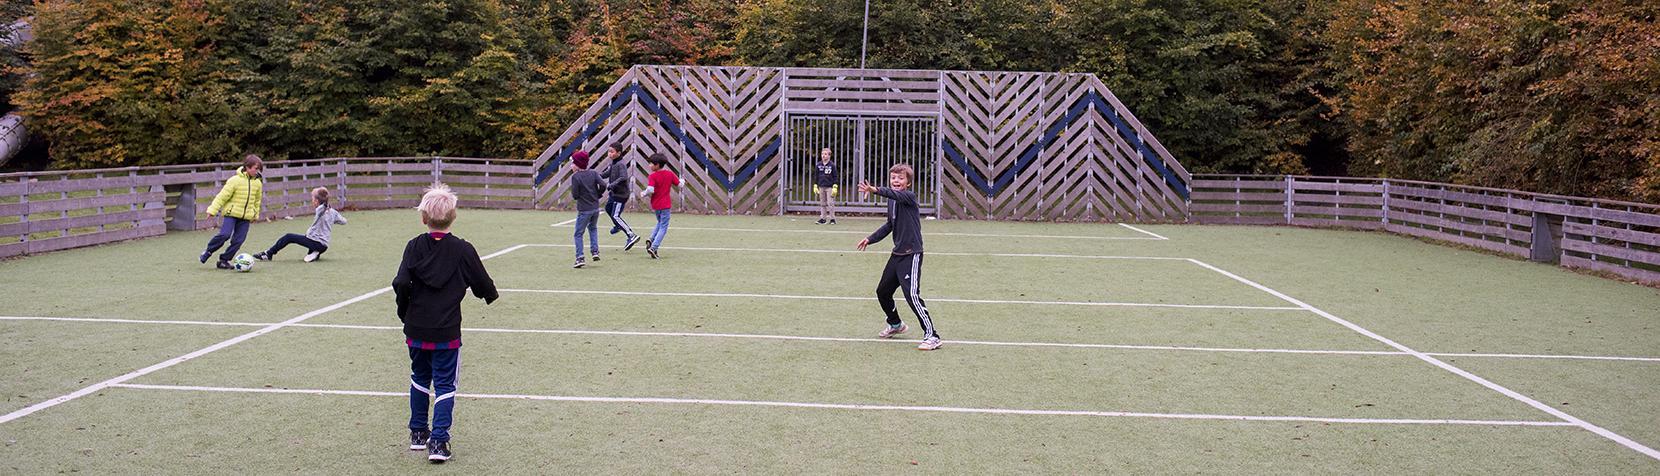 Skoledrenge spiller fodbold